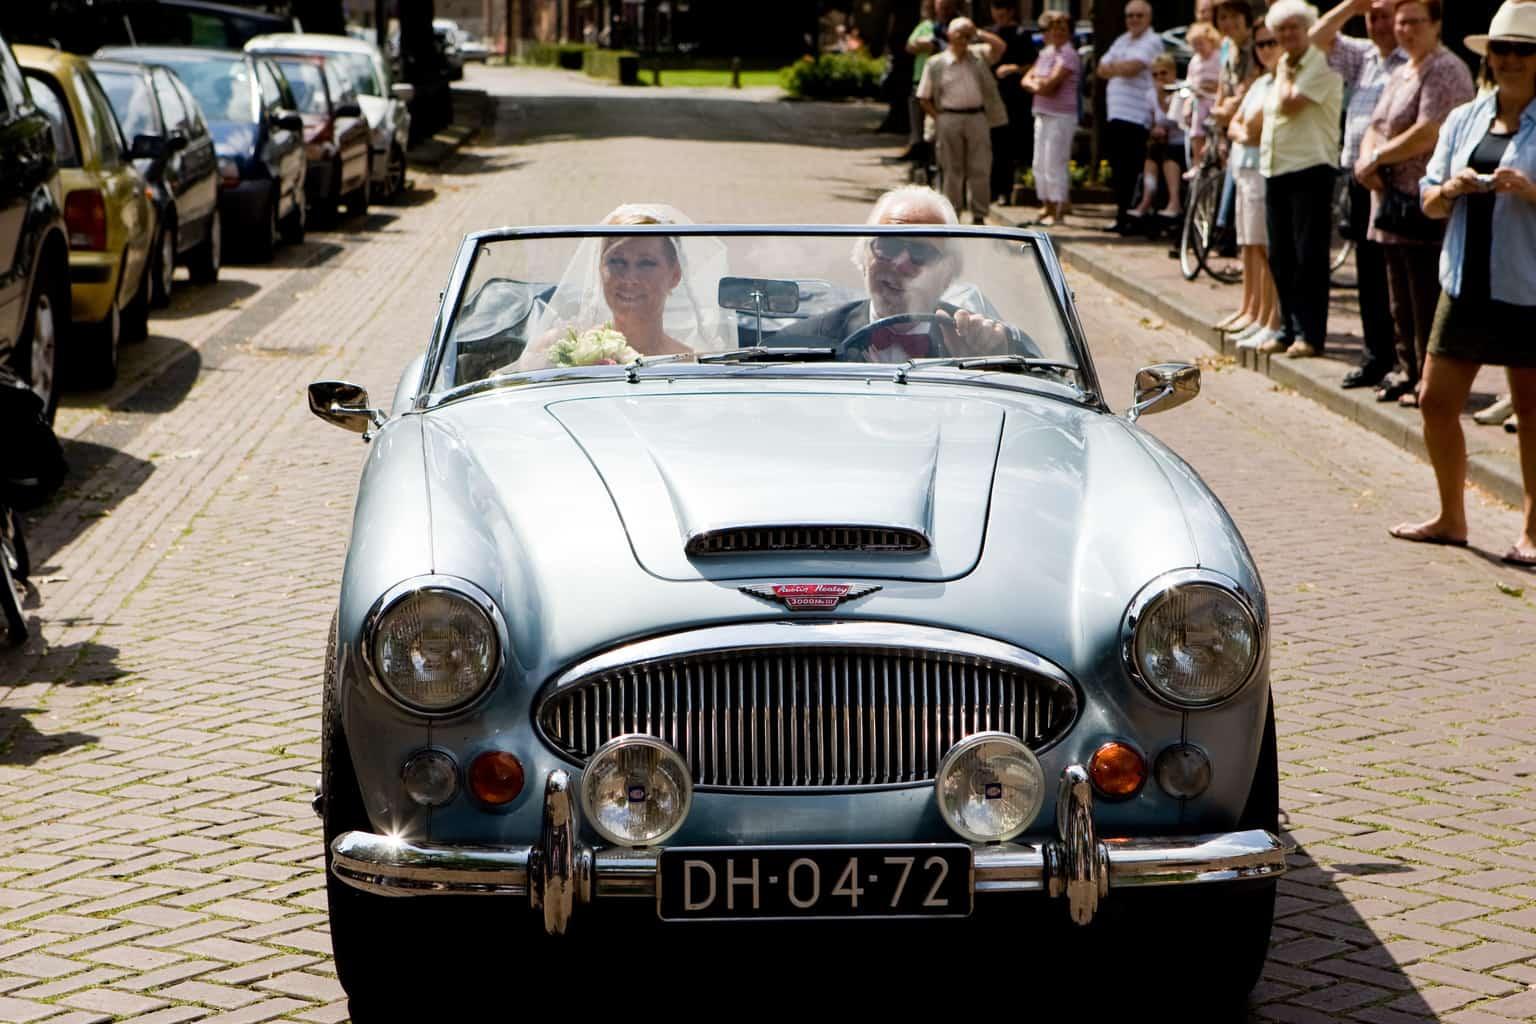 de bruid arriveert, huwelijk, wedding en planning, weddingplanner, fotocredits Reflexx Reportages